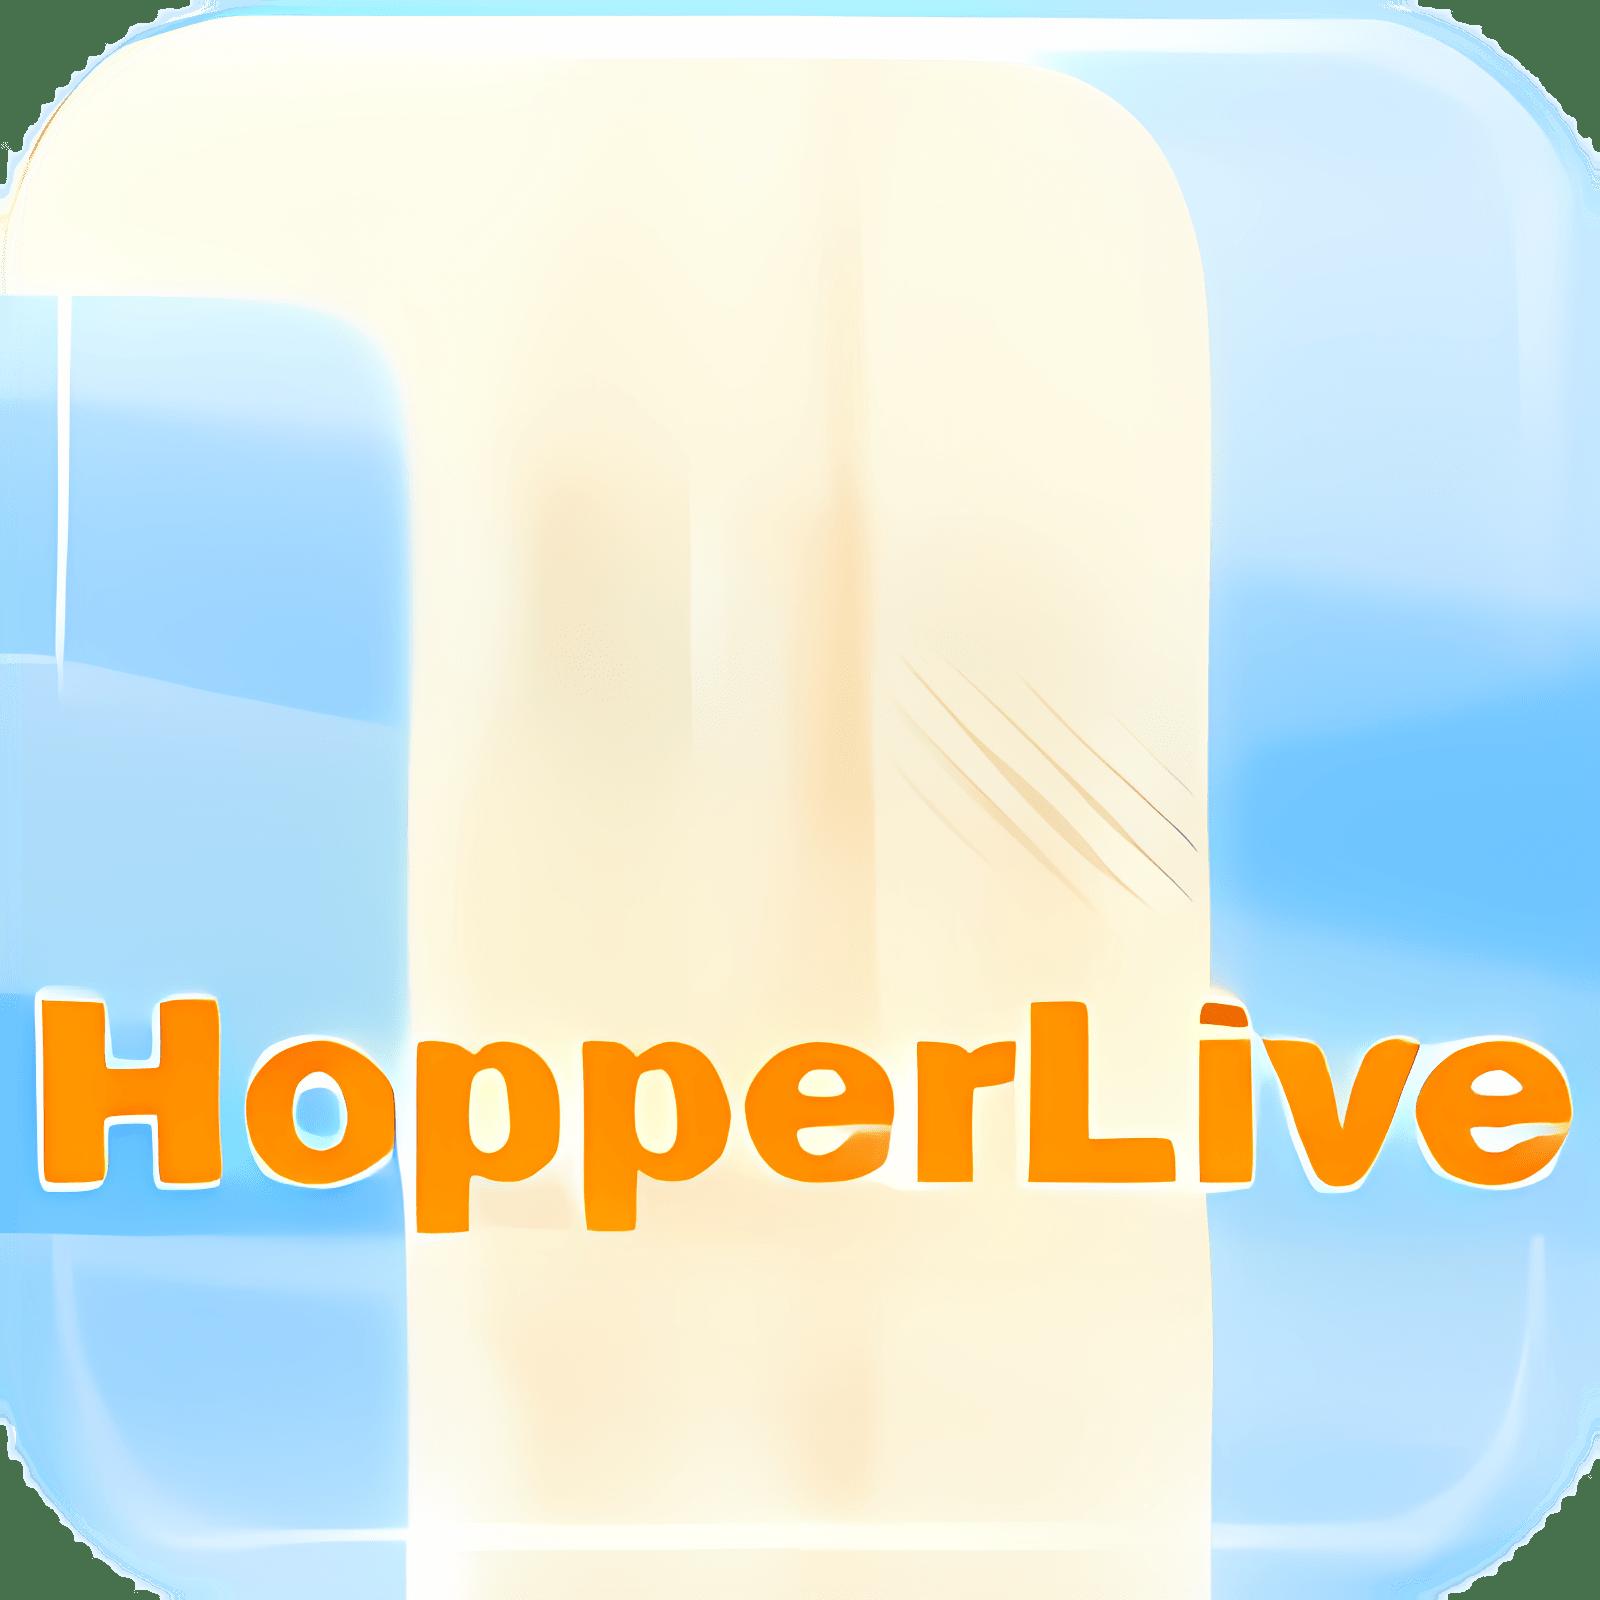 HopperLive